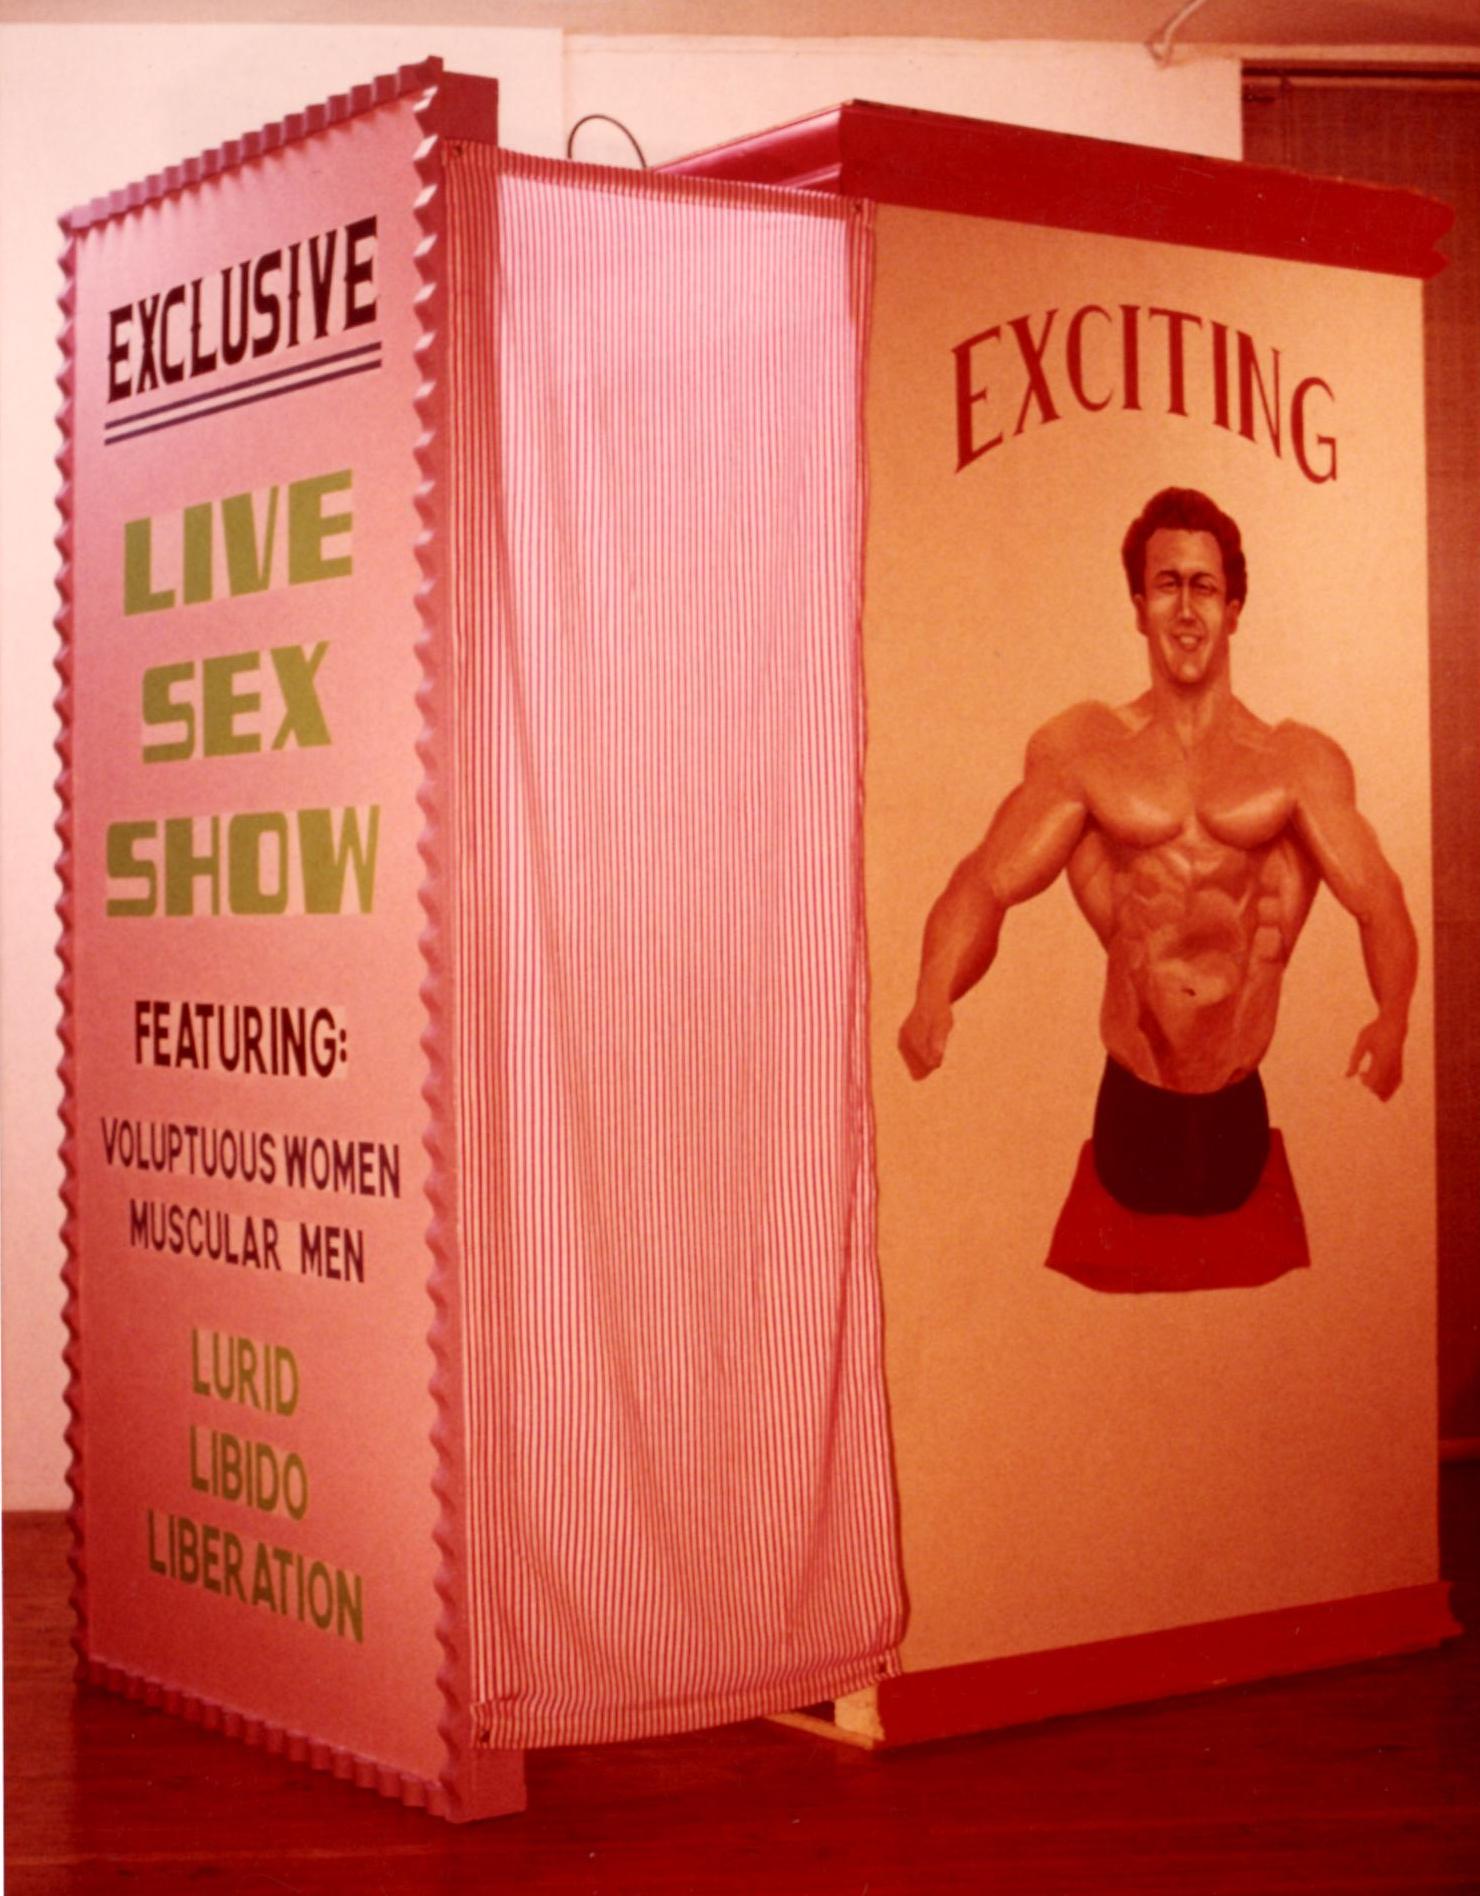 Live Sex Show Front